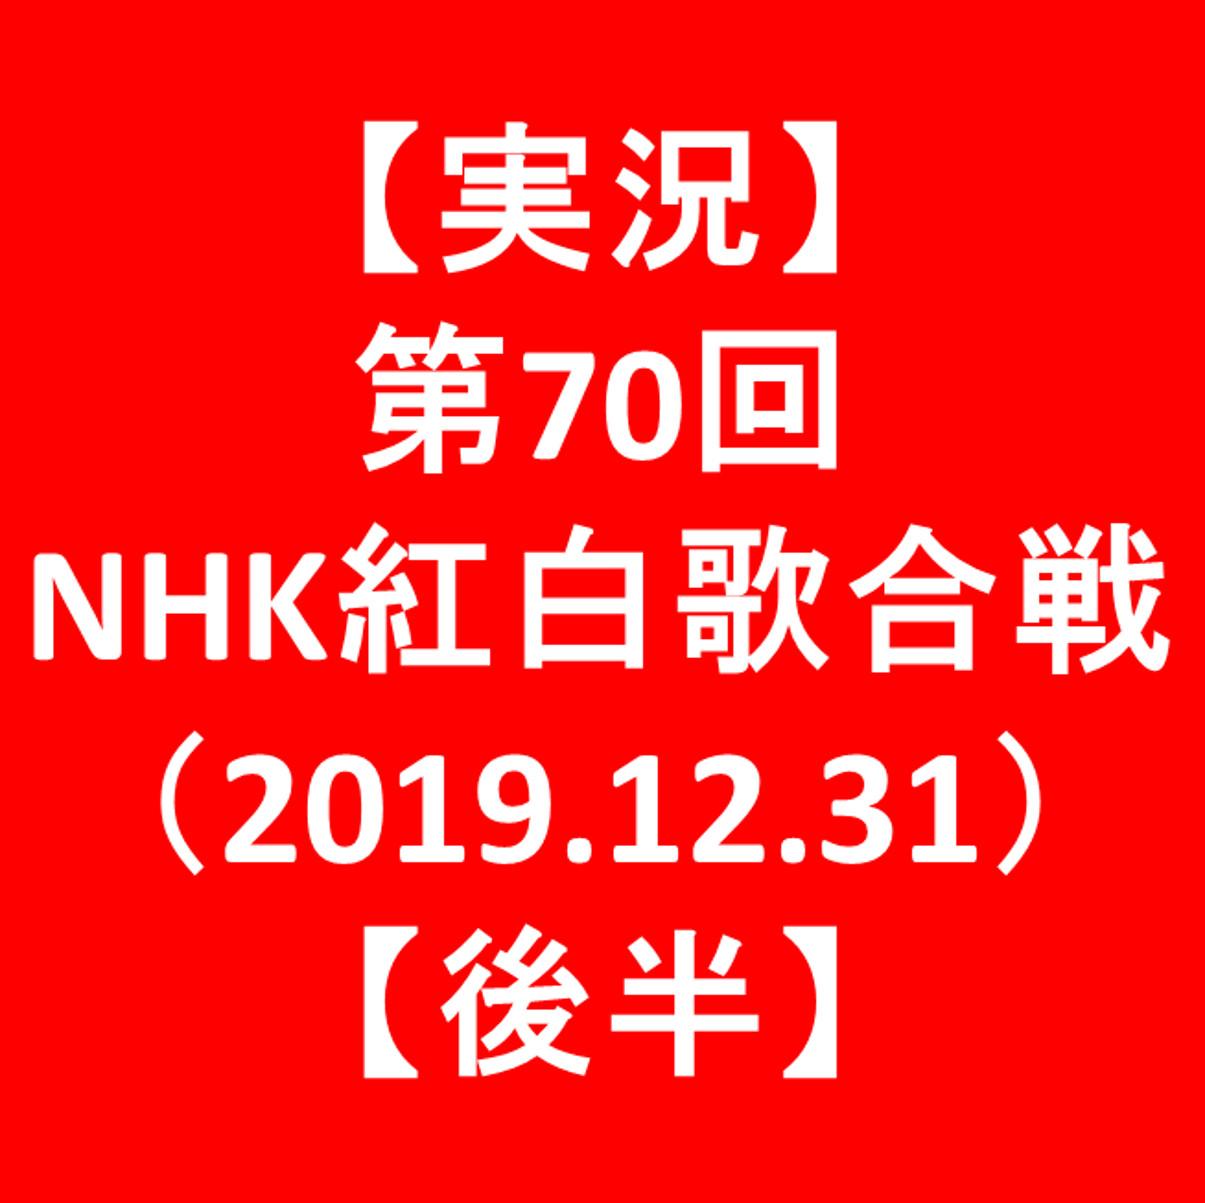 【実況】第70回NHK紅白歌合戦2019【後半】アイキャッチ1205